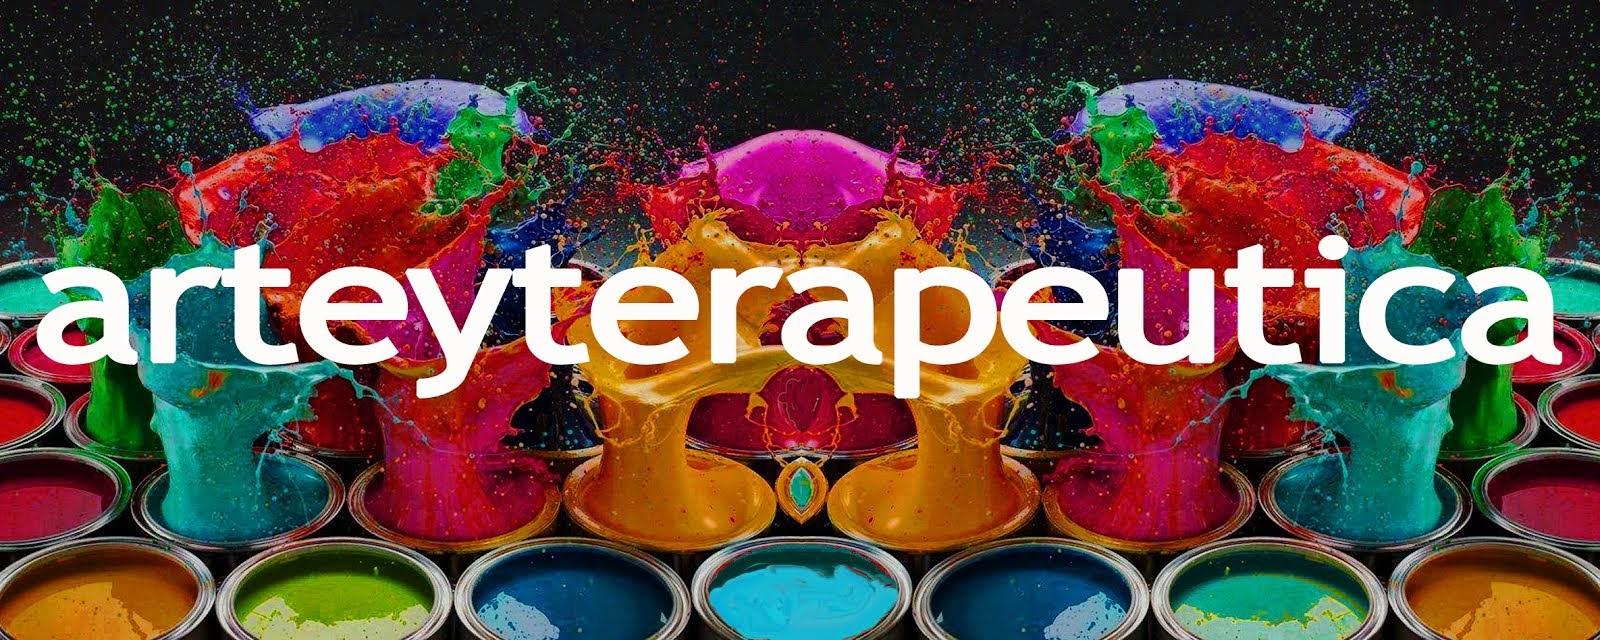 ARTETERAPIA arteyterapeutica